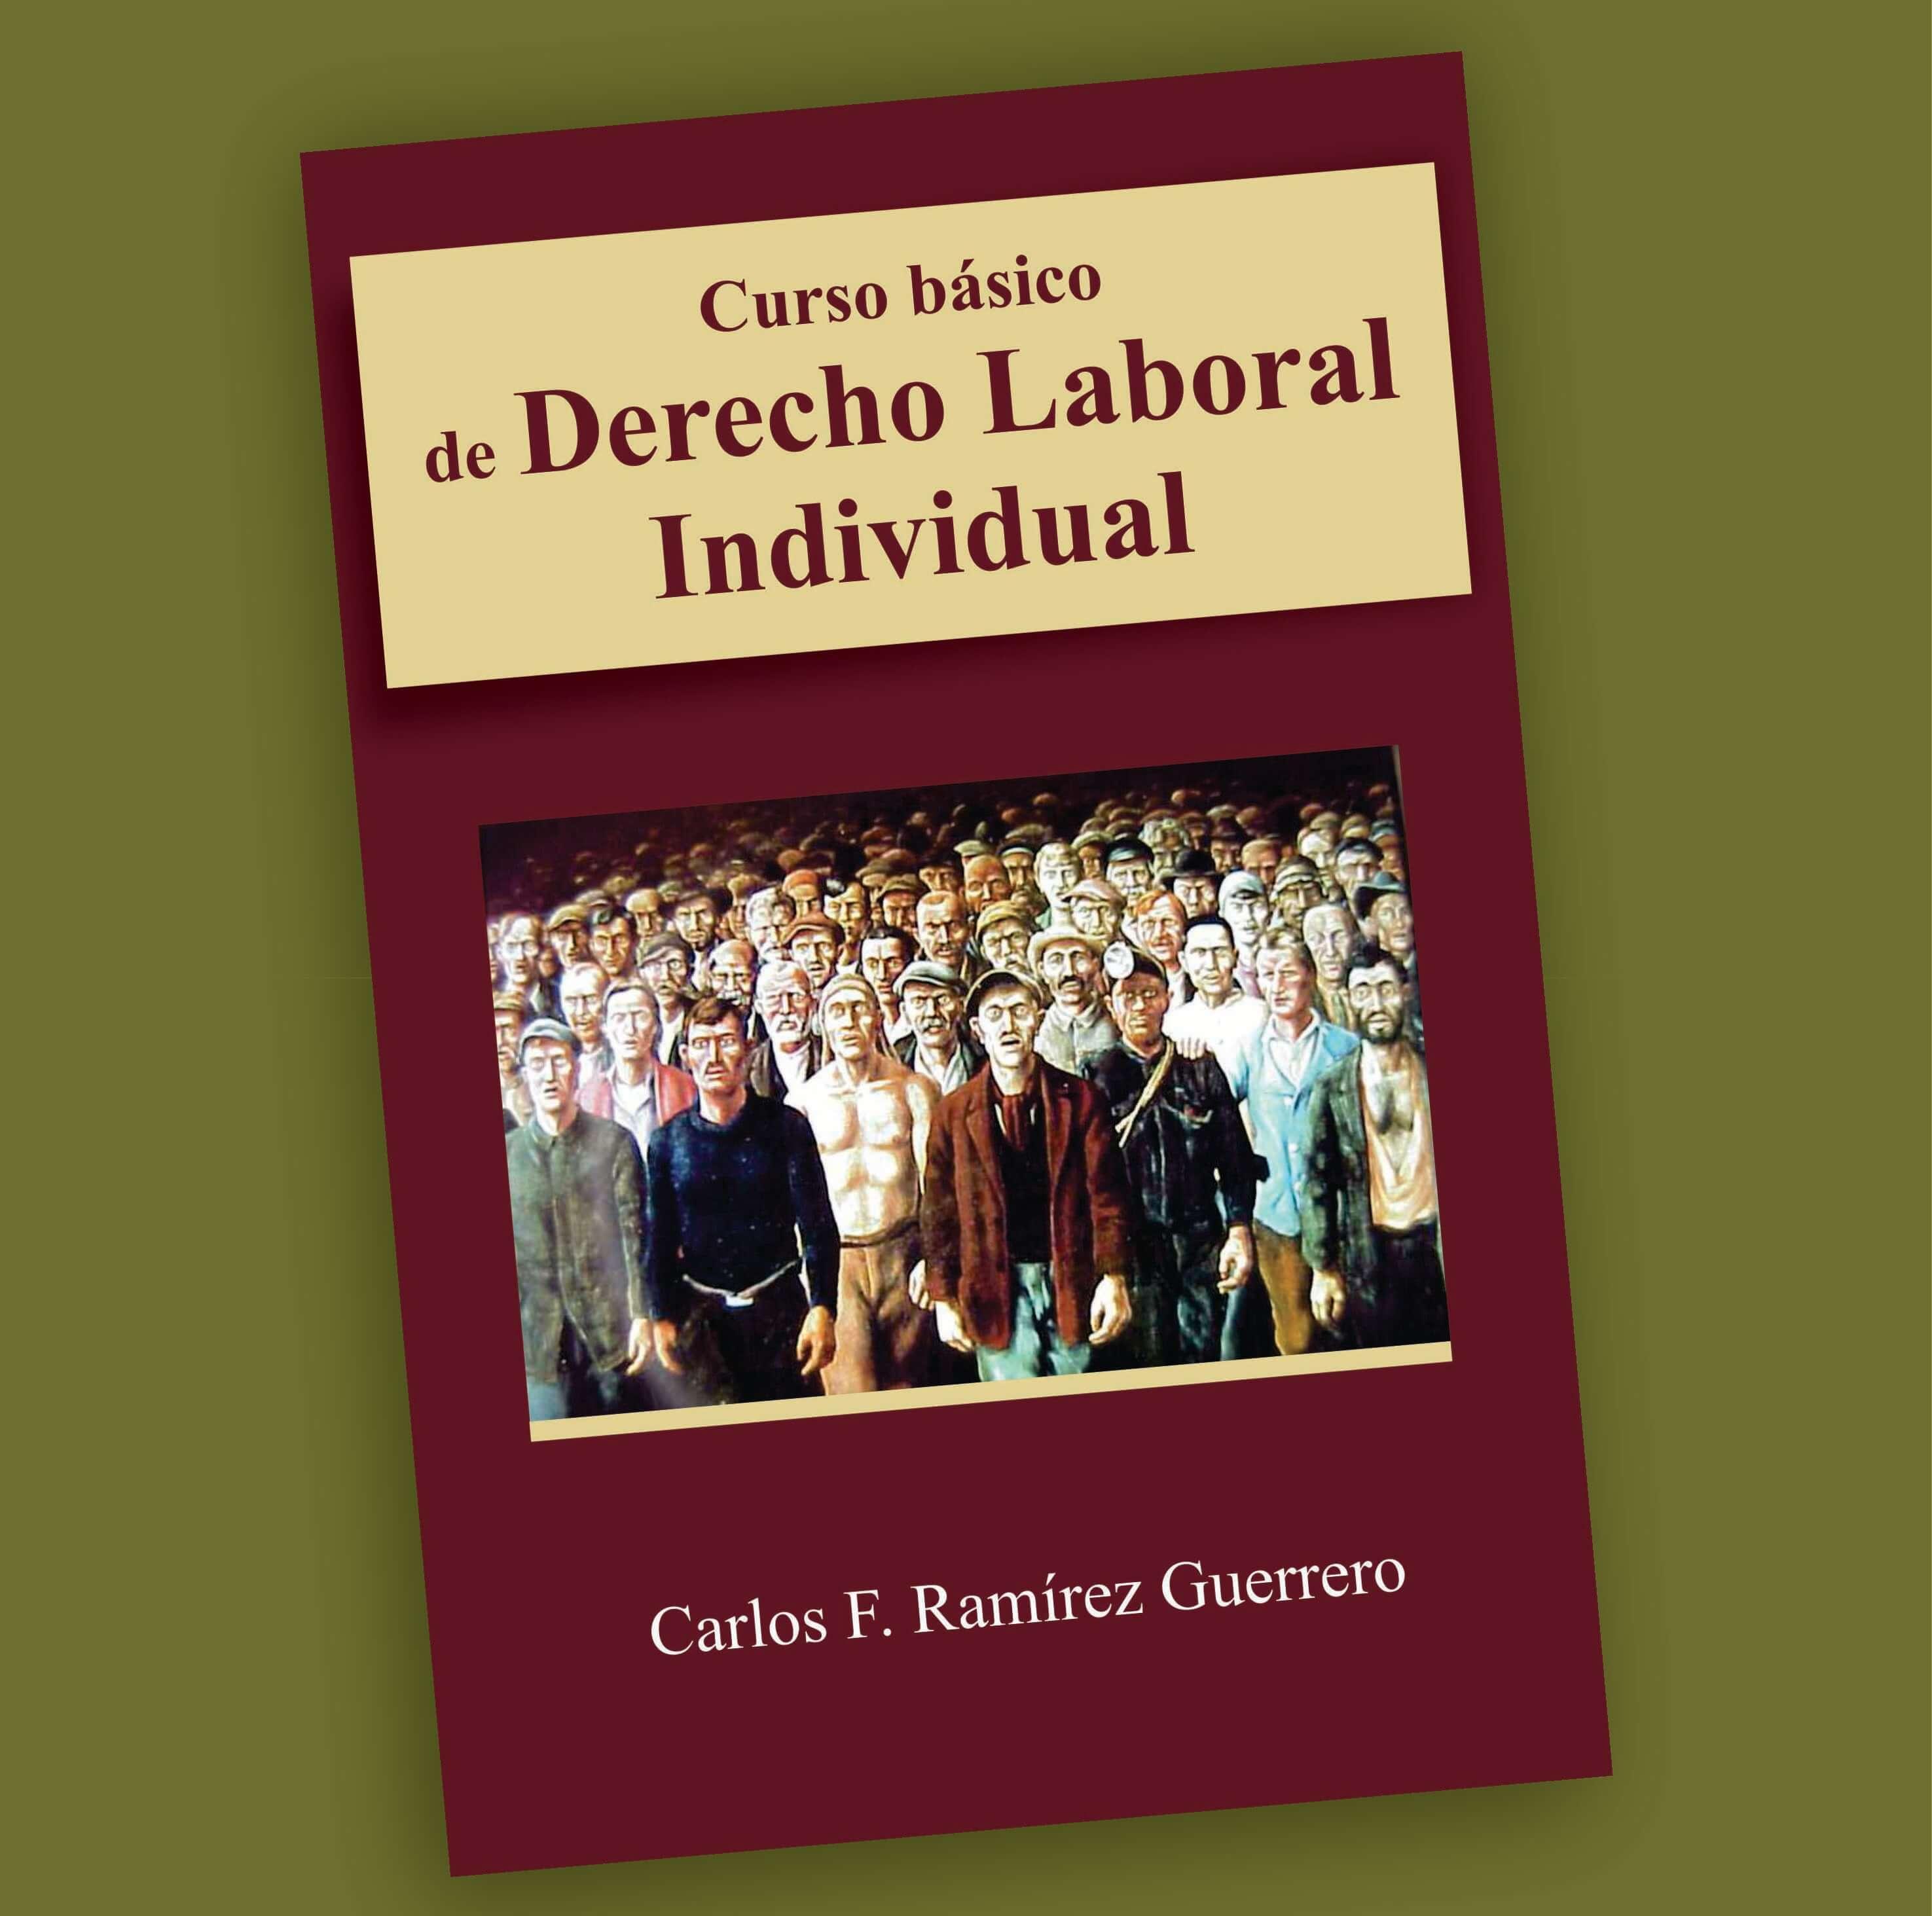 Curso básico de Derecho laboral individual-Carlos F. Ramírez Guerrero